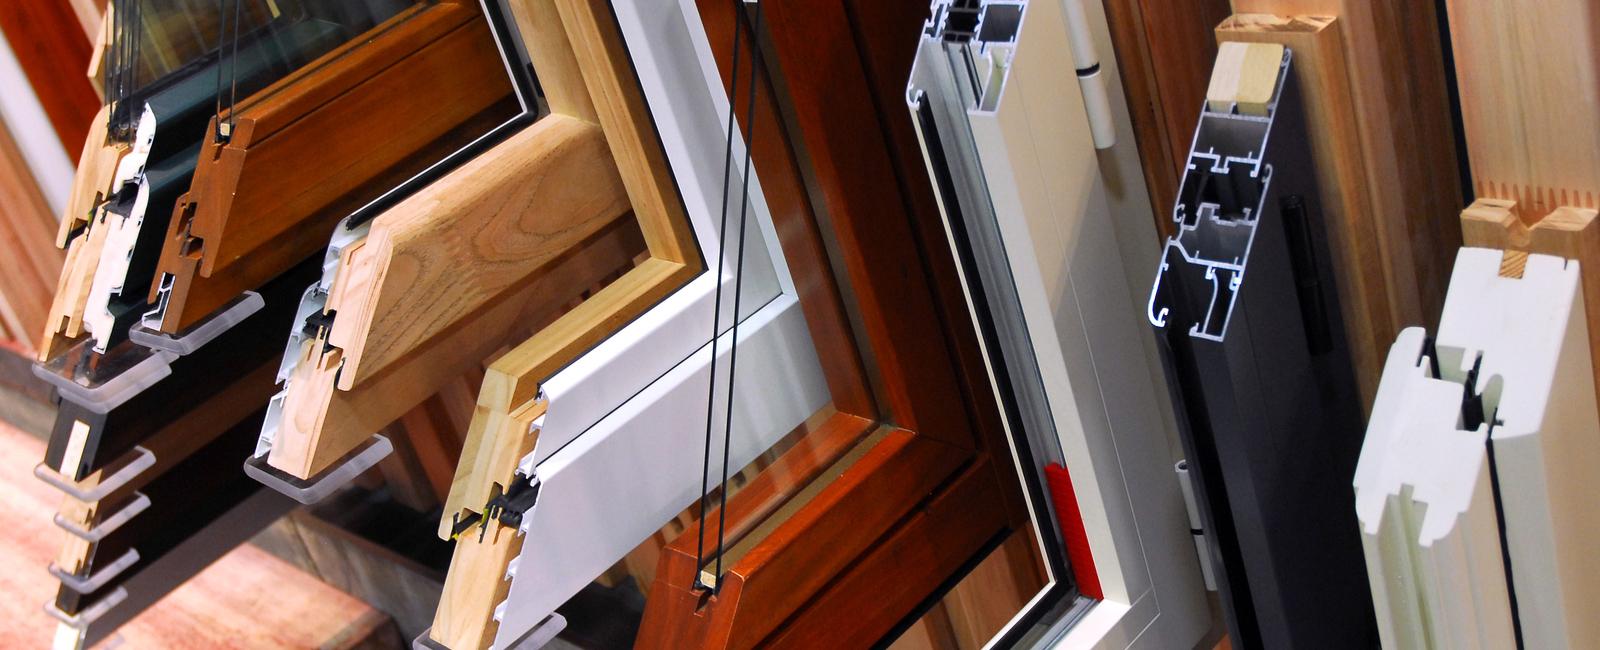 Prix Changement Fenetre Maison combien coûte la pose de fenêtres? prix, coût, devis